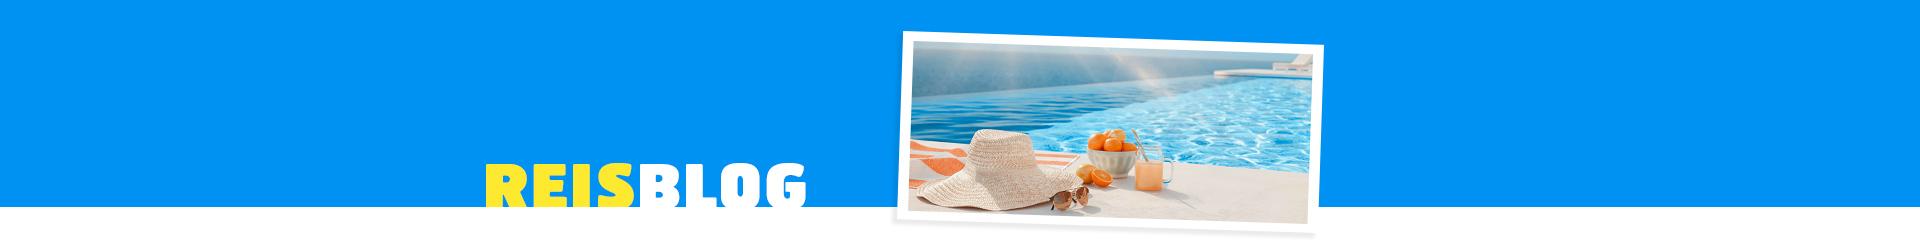 hoed bij zwembad